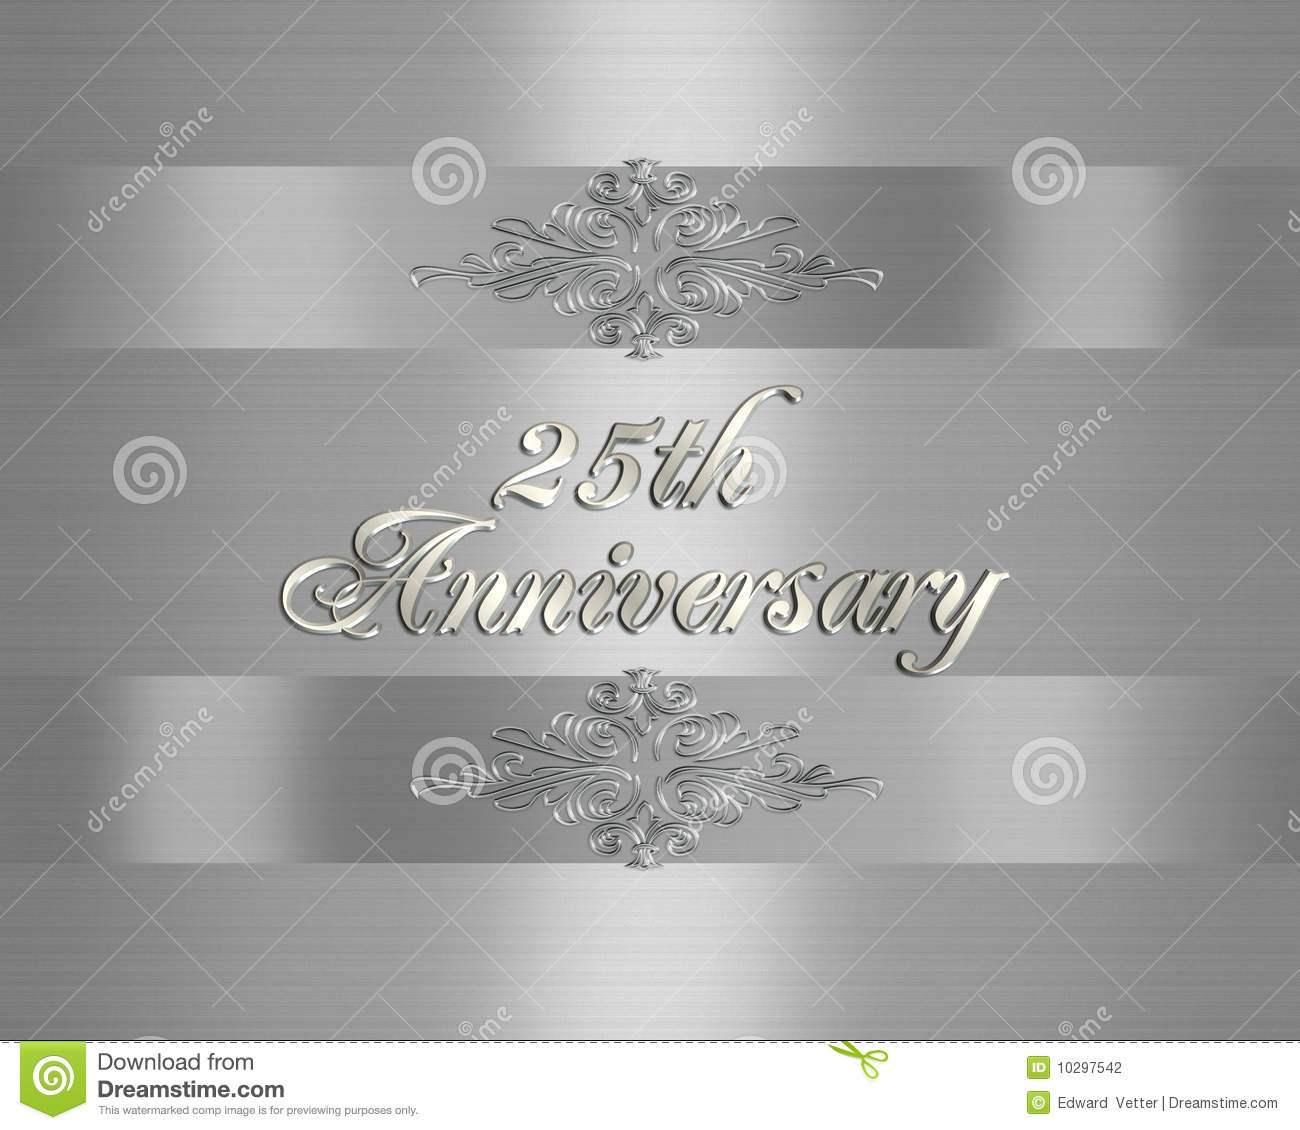 Anniversary Quotes Quotesgram: 25th Wedding Anniversary Quotes. QuotesGram